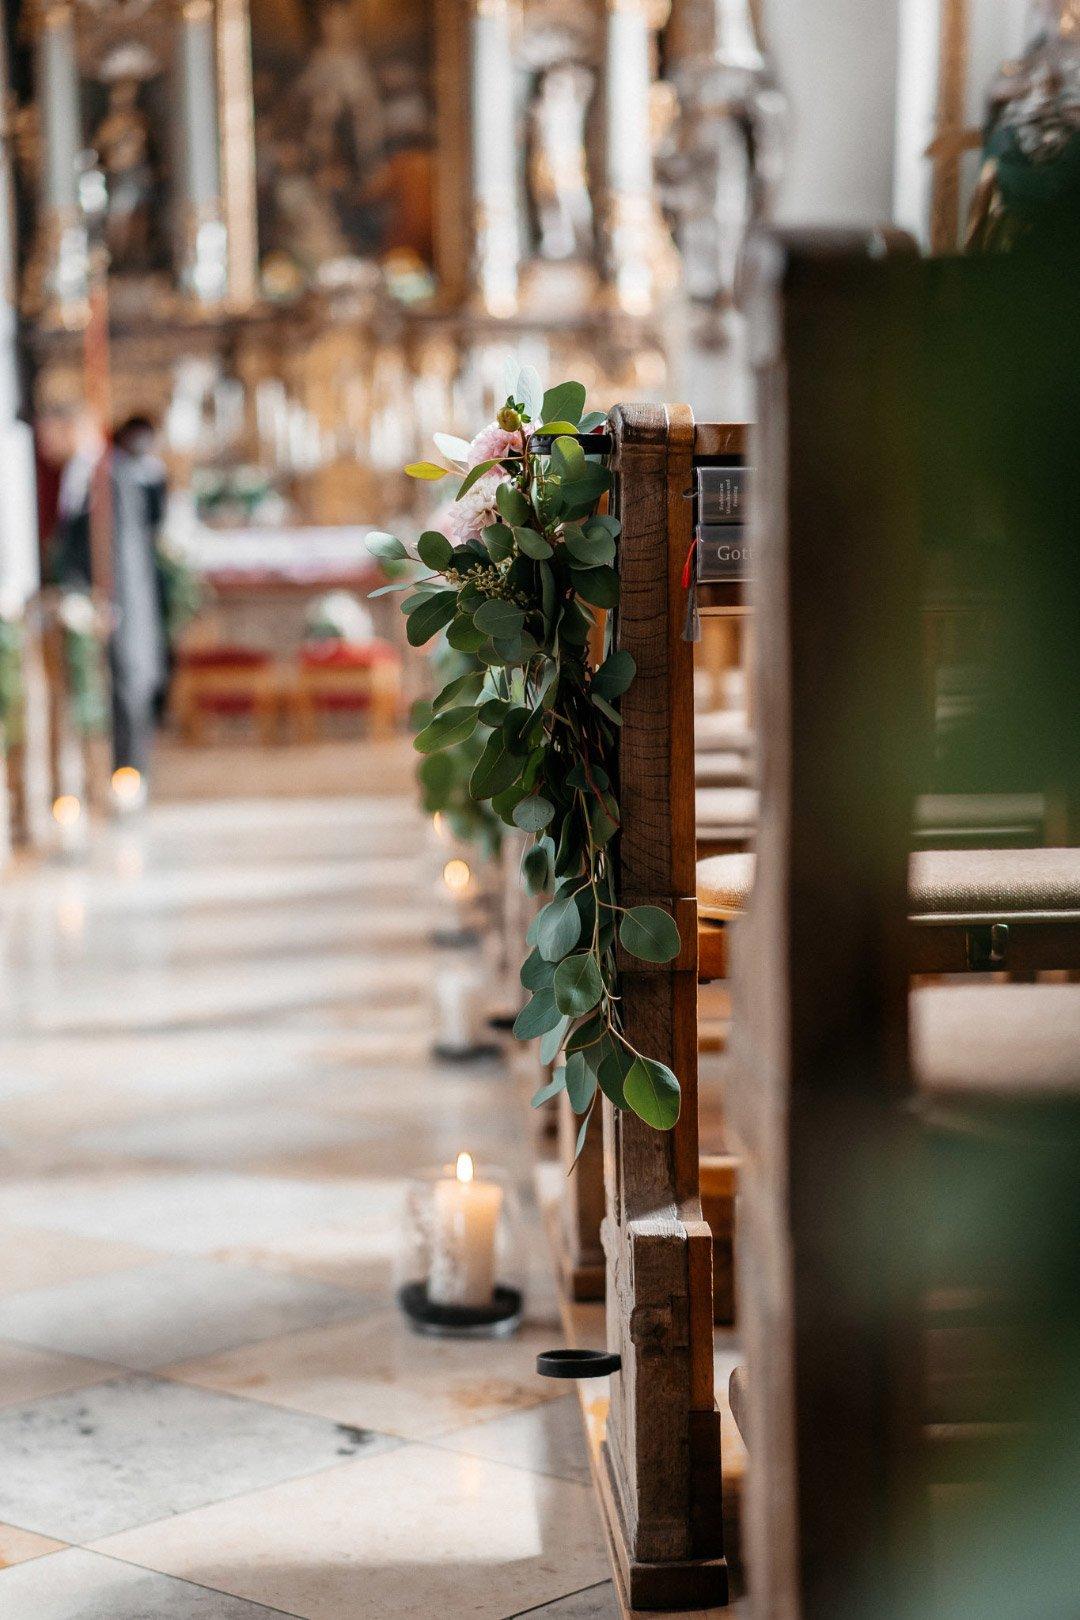 Blumendekoration an der Kirchenbank in der Kirche für die Hochzeit